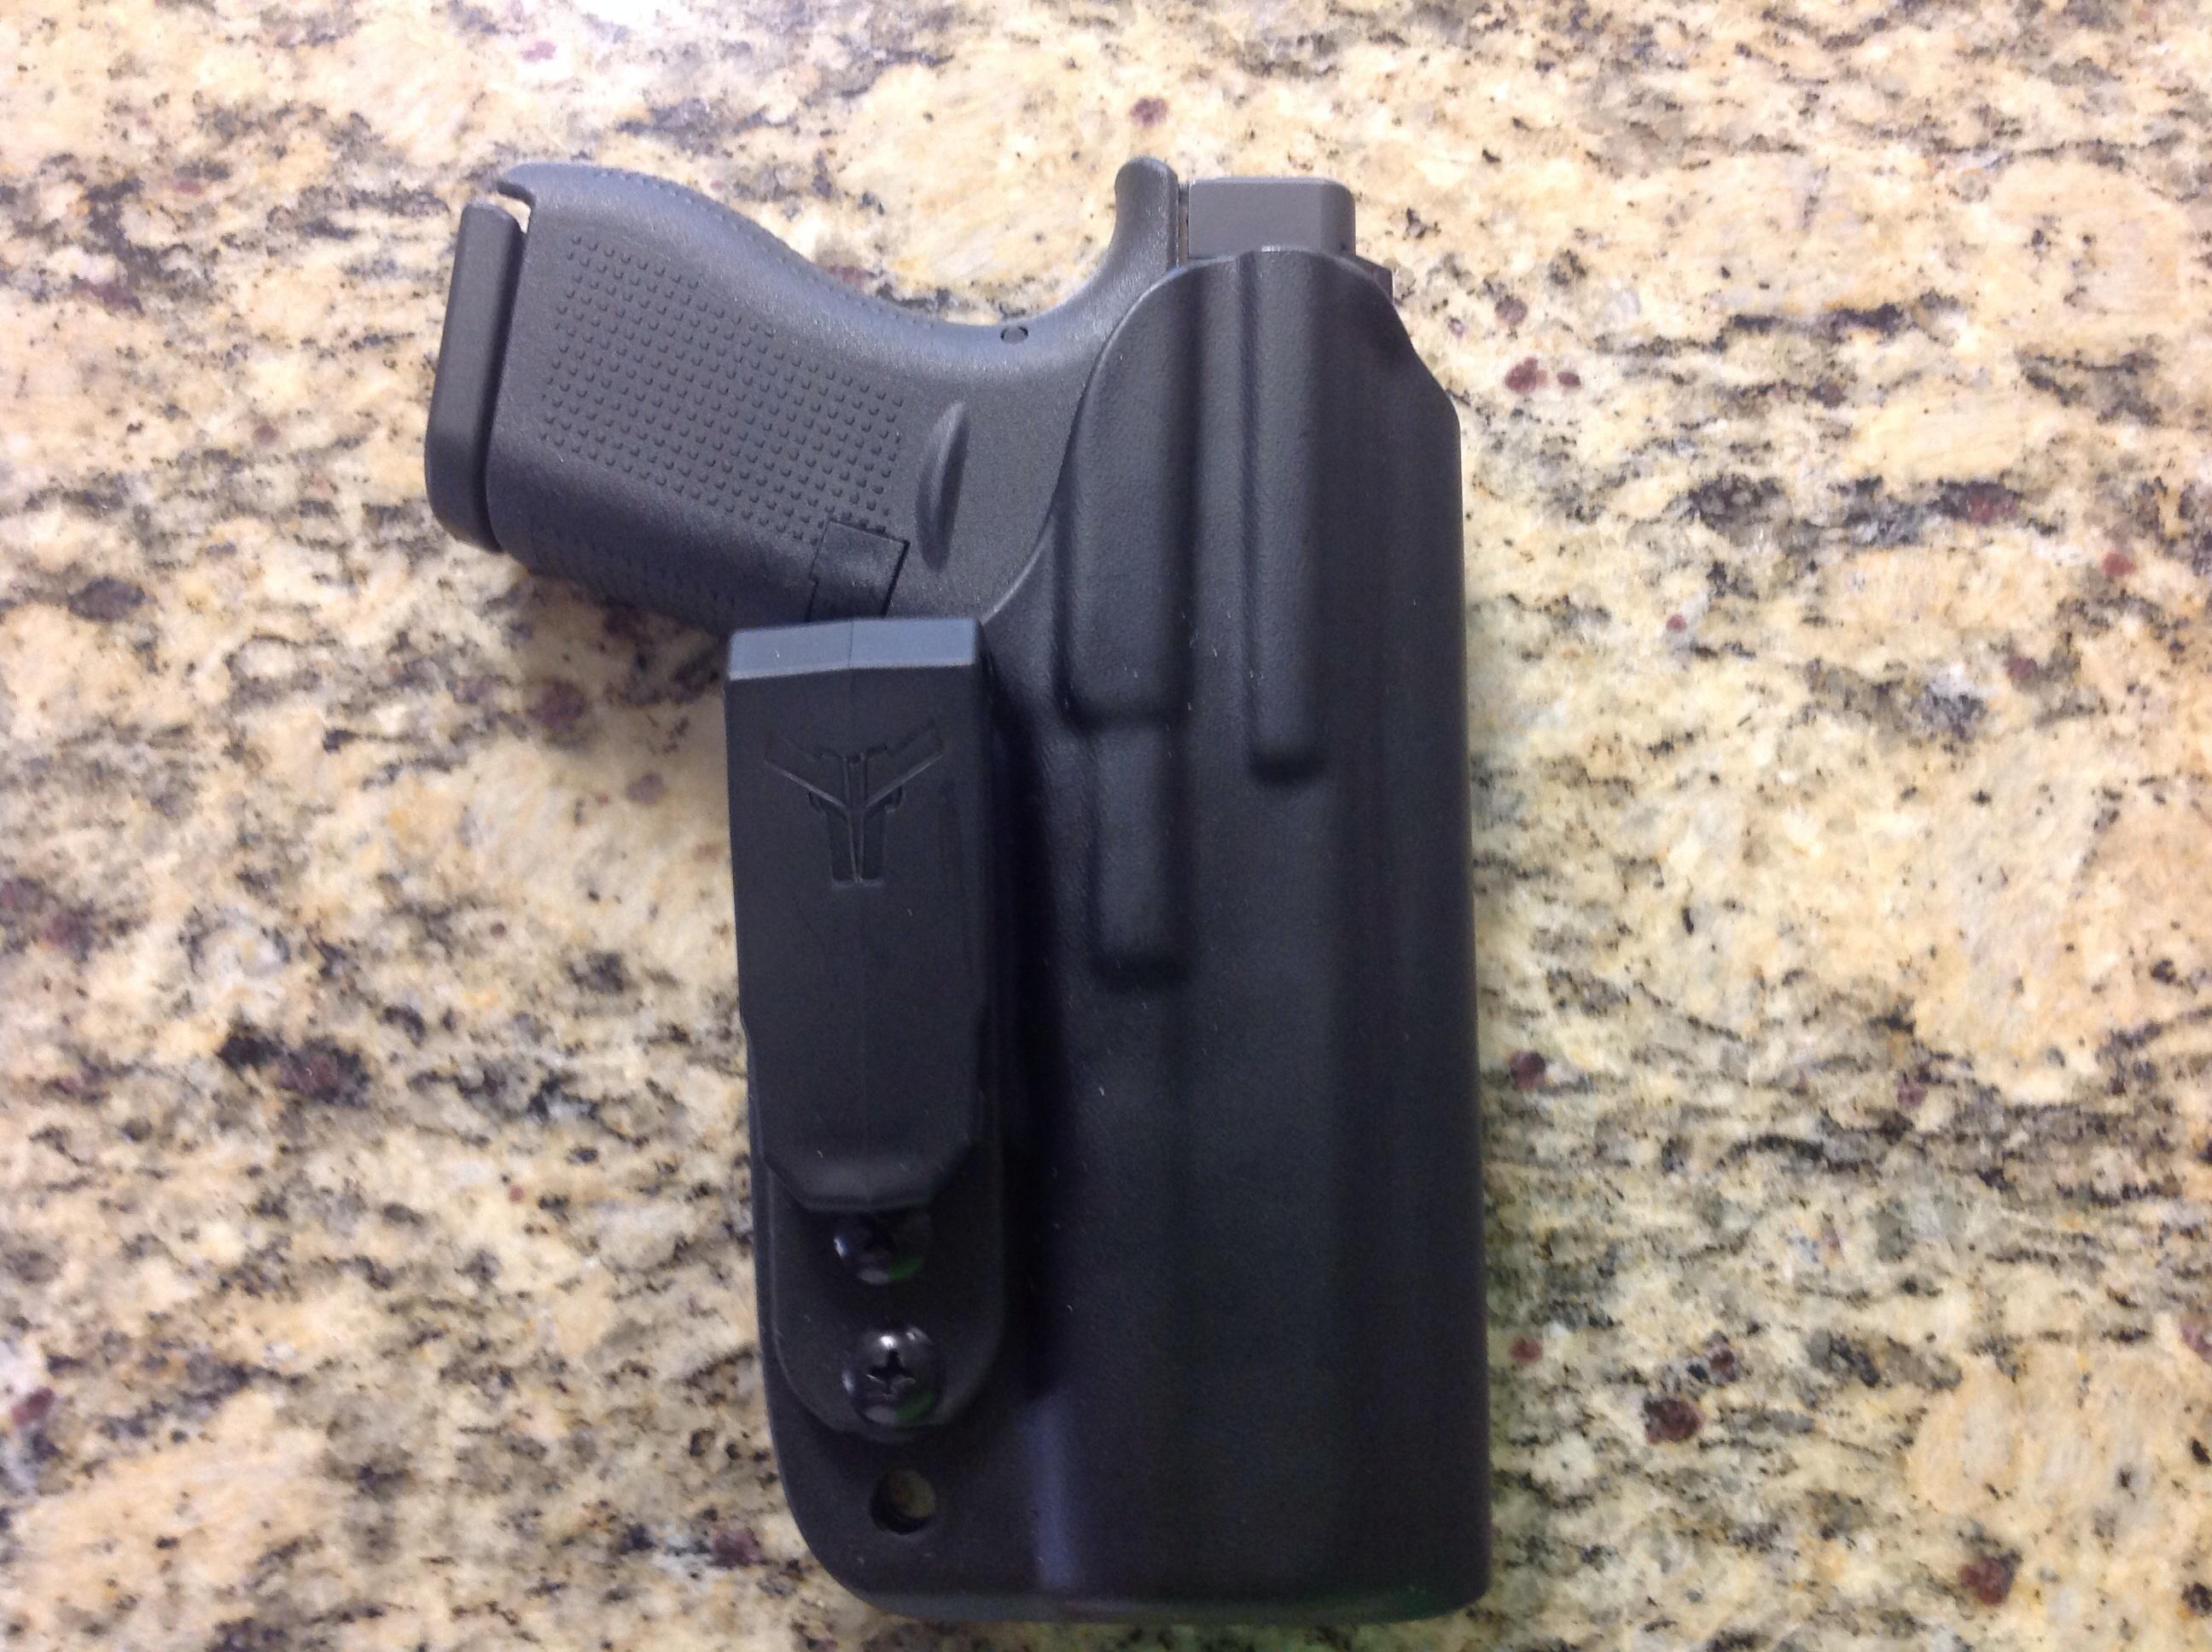 Glock 42: light recoil & easy to rack slide?